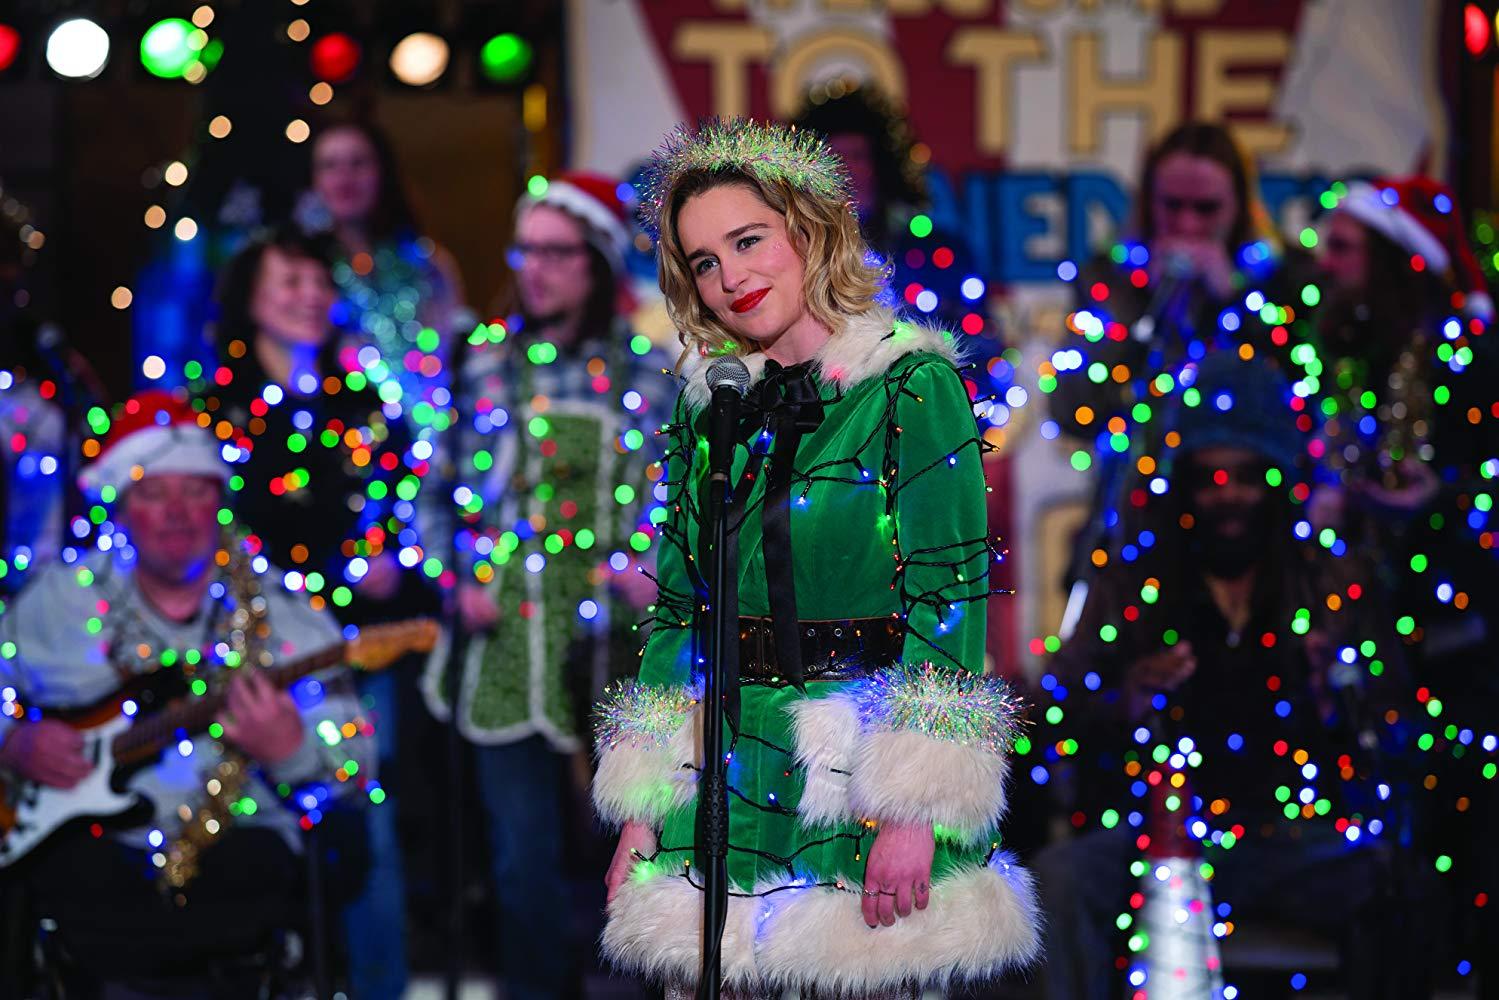 #Киноподборка: 5 фильмов про Новый год и Рождество, которые вы ещё не посмотрели